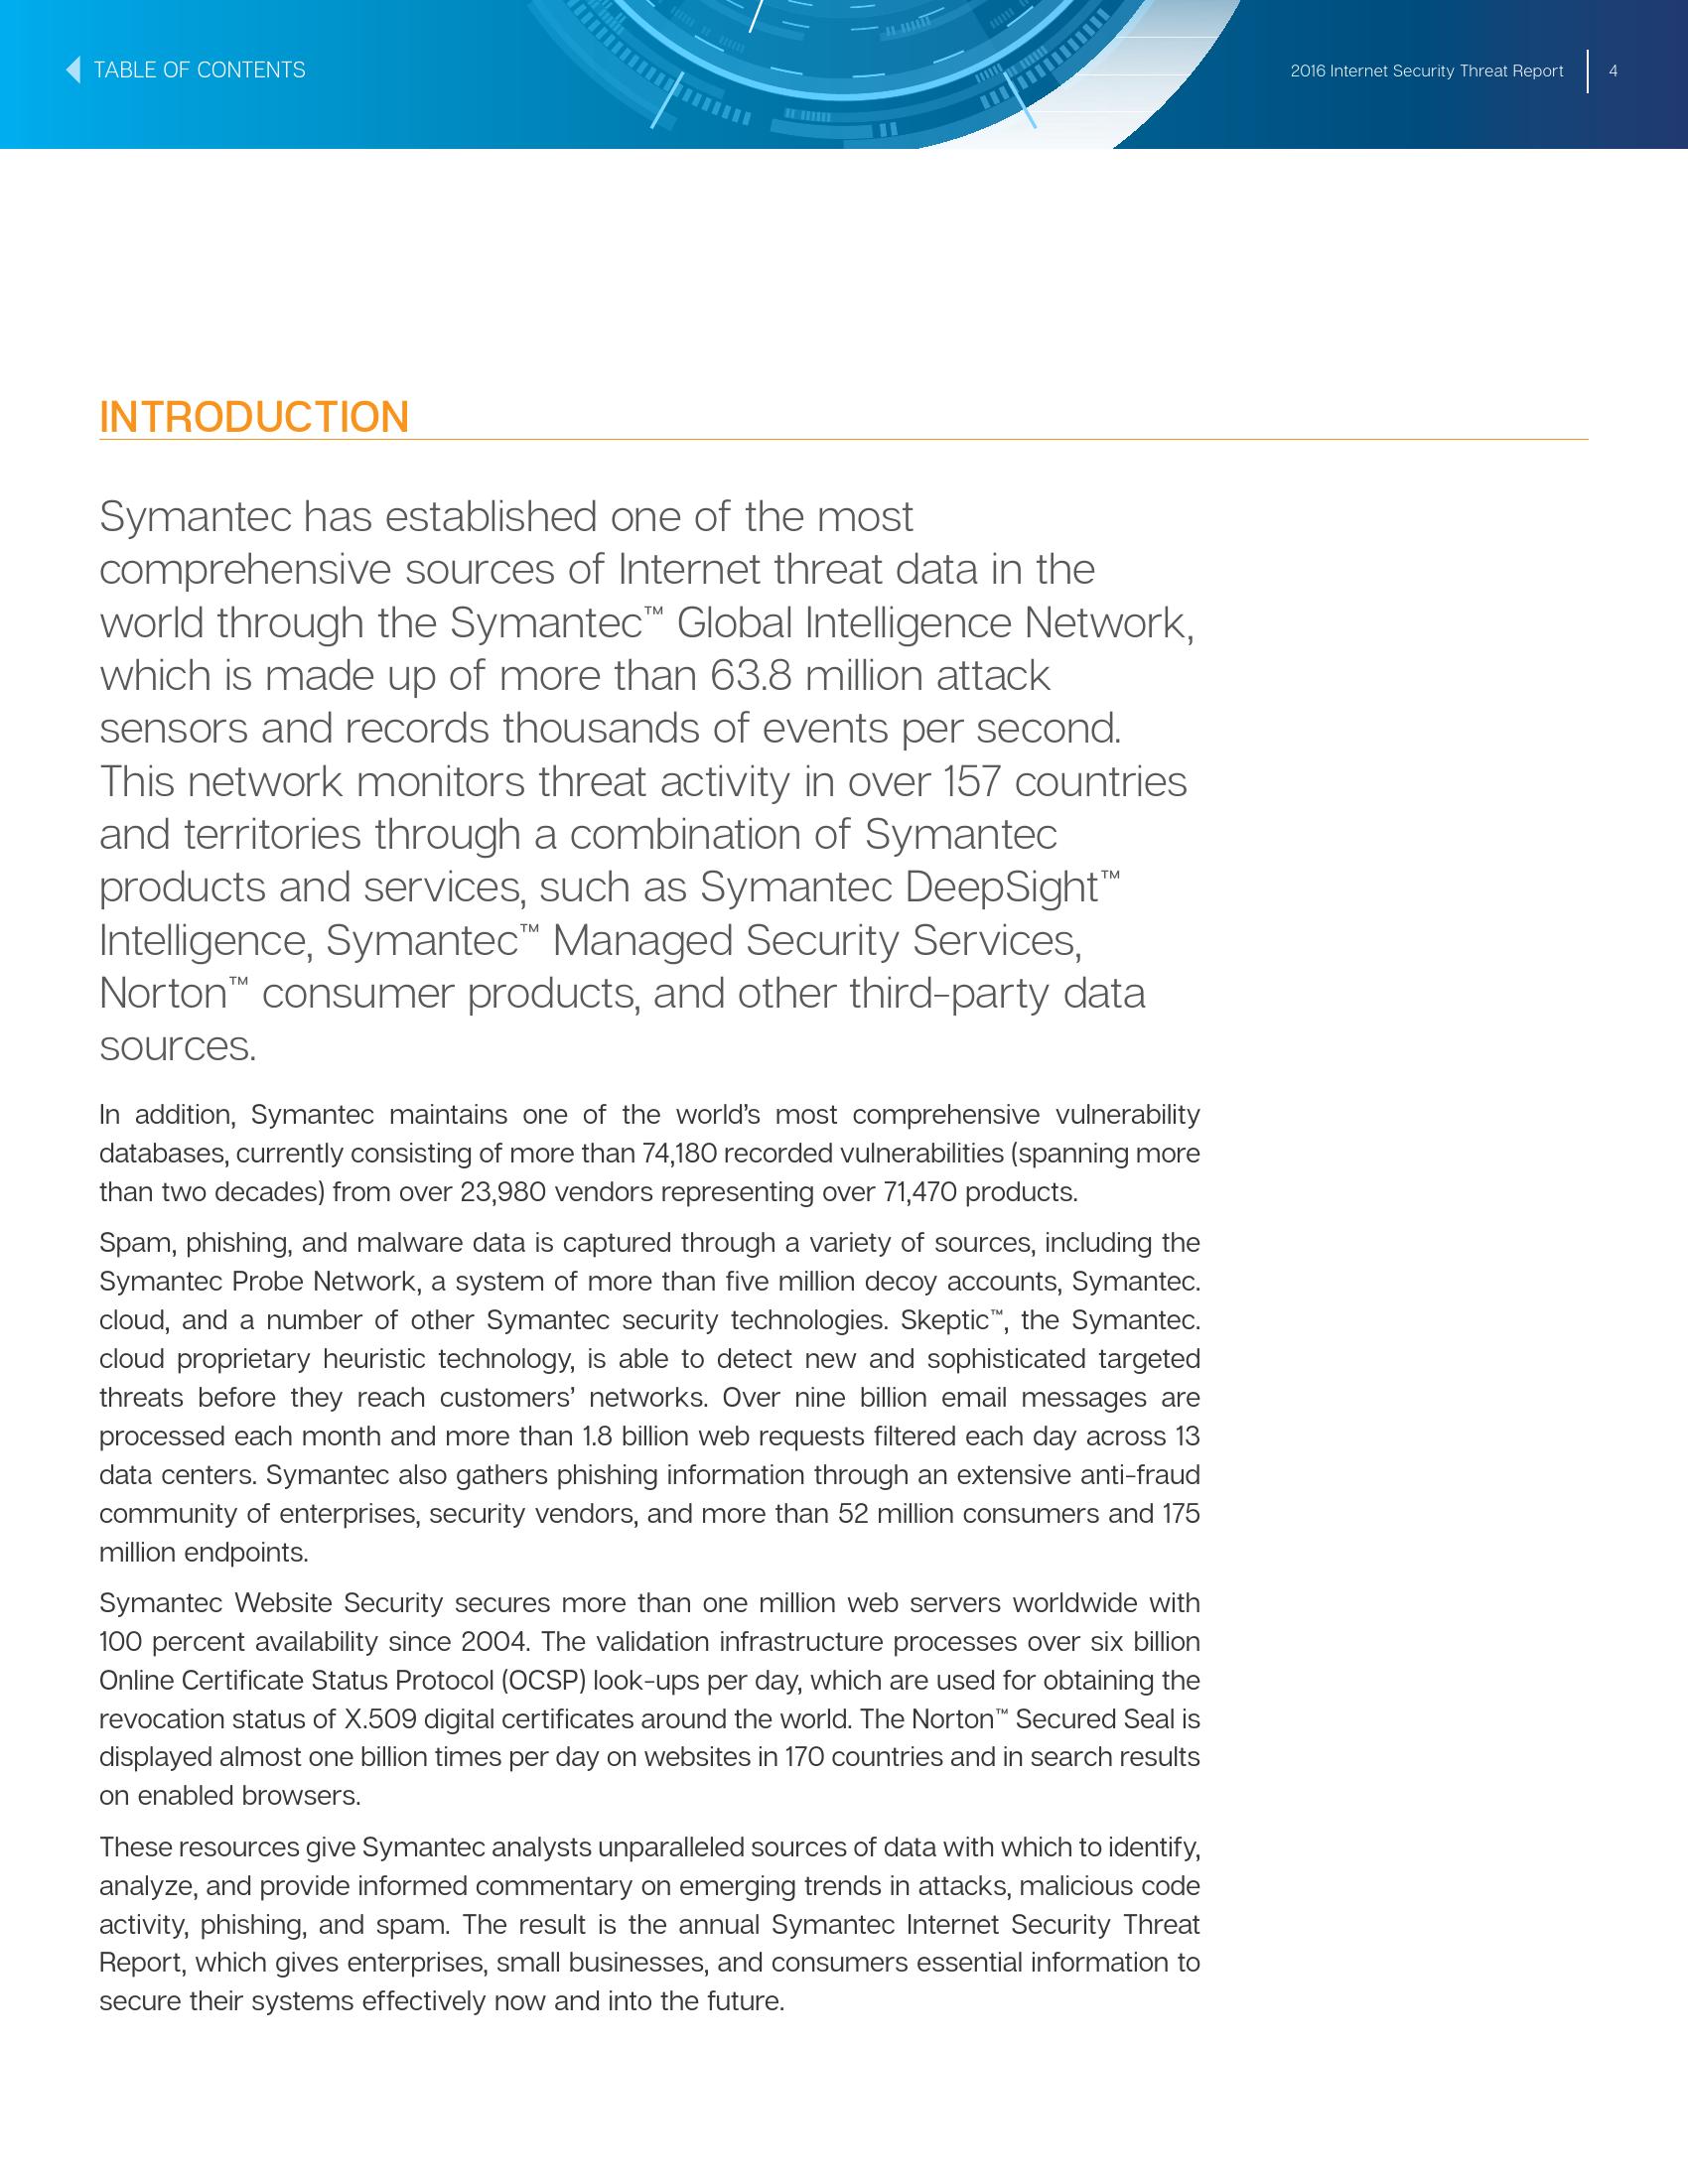 2016年互联网安全威胁报告_000004